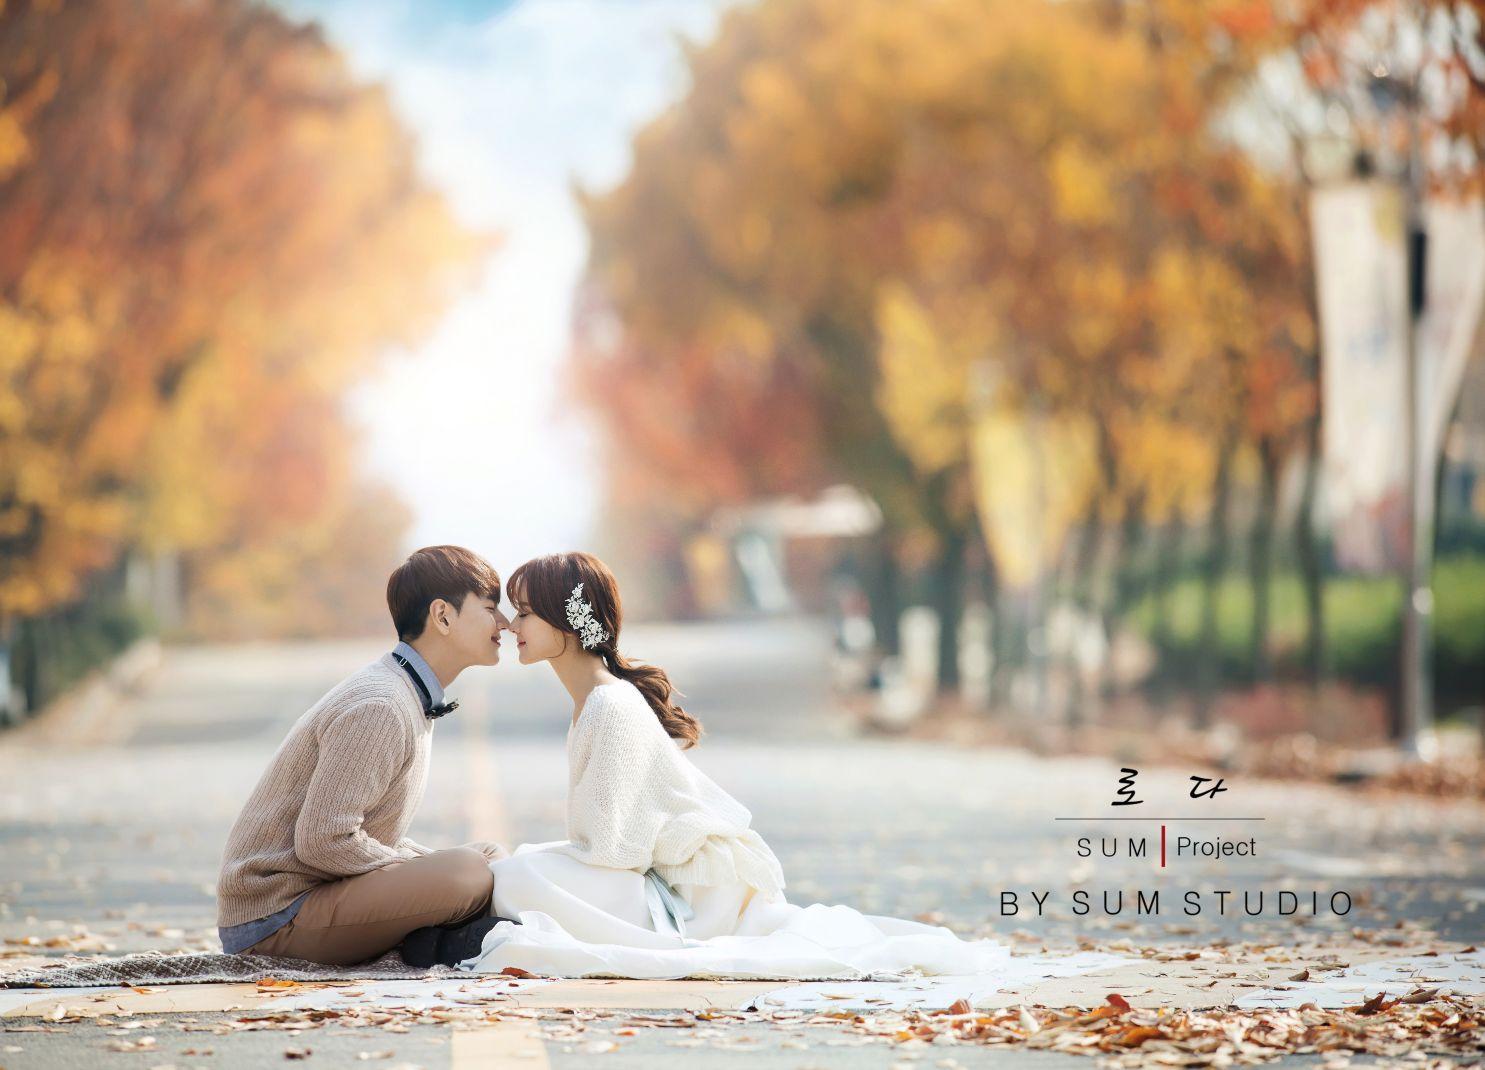 别浪费了秋季的绚烂景色 秋天婚纱照欣赏【7】